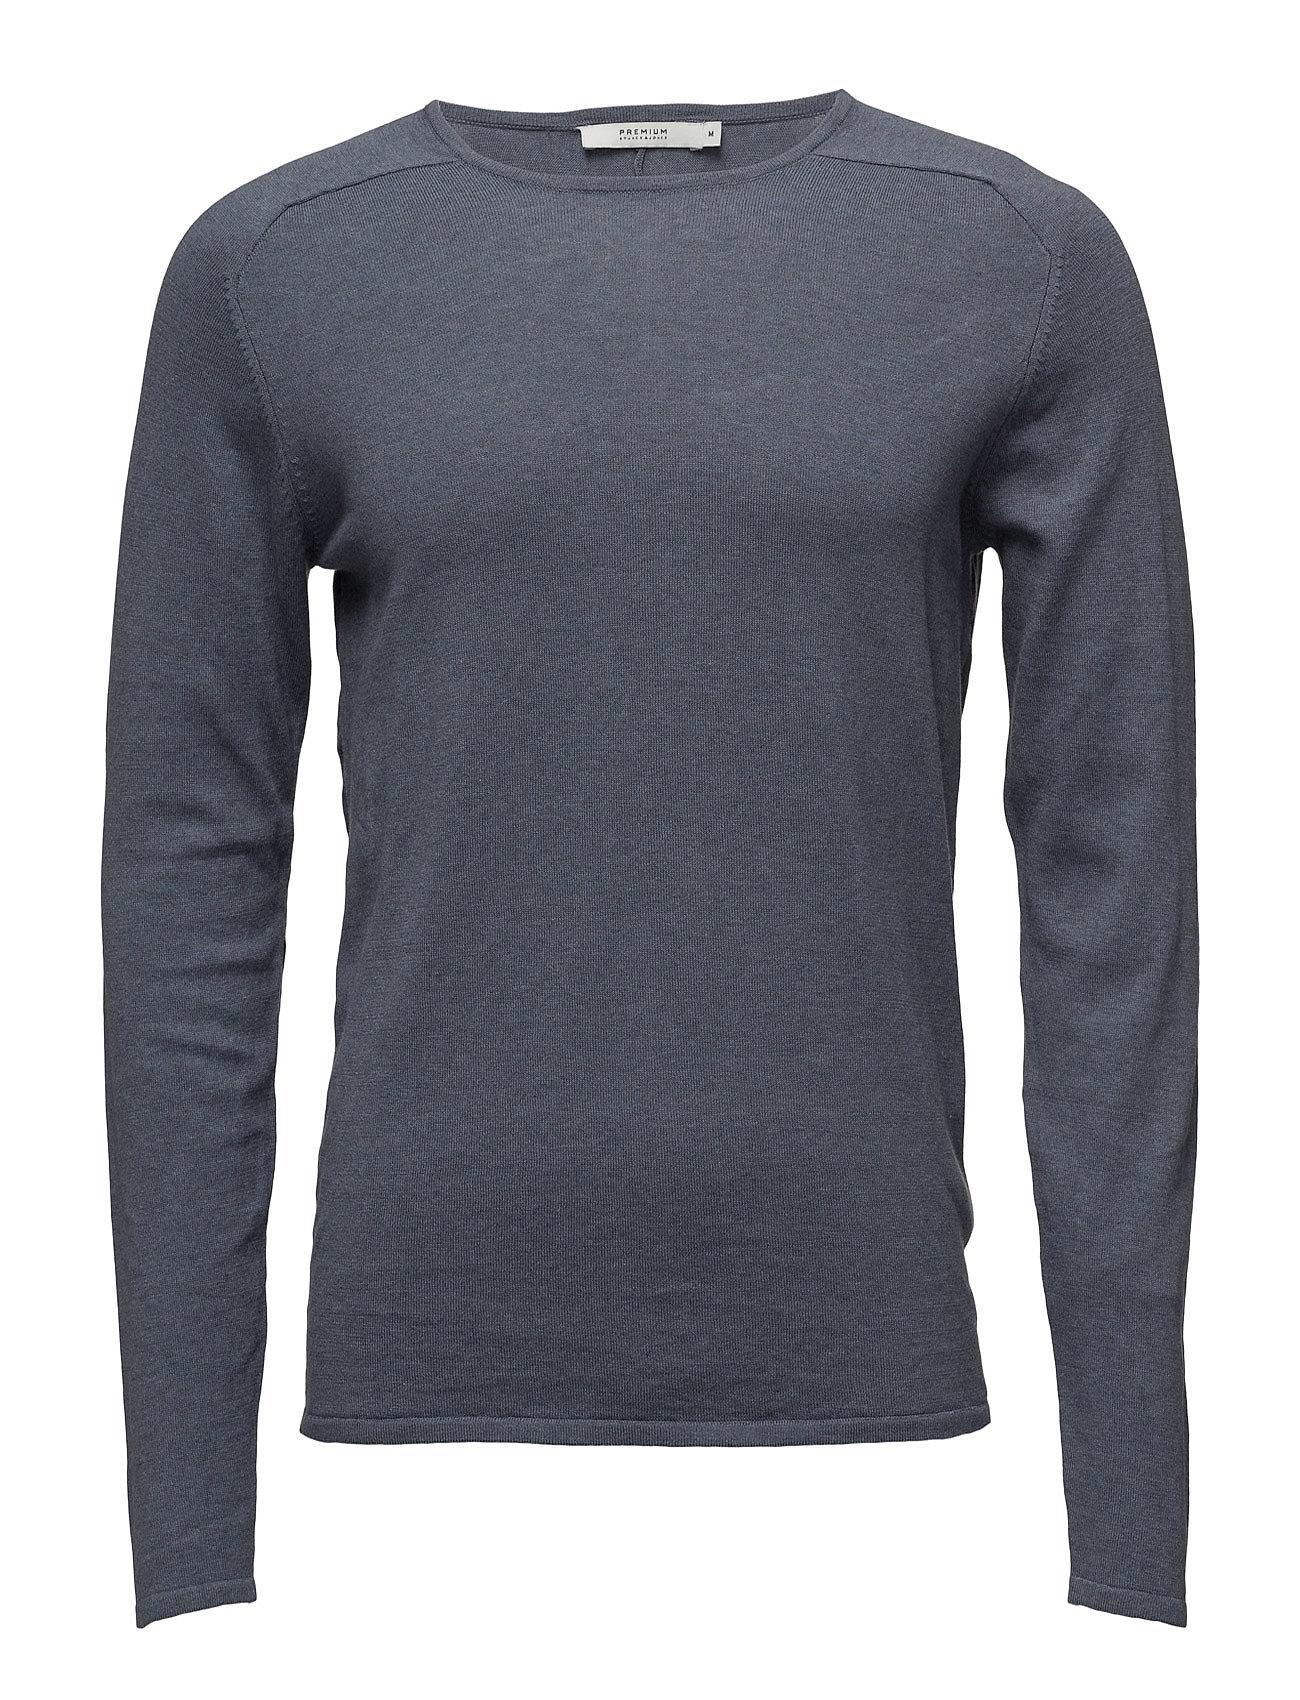 23b0051799ad Superläckra Jprmarvin Knit Crew Neck Jack & Jones Premium Runda Necked till  Män i fantastisk kvalitet